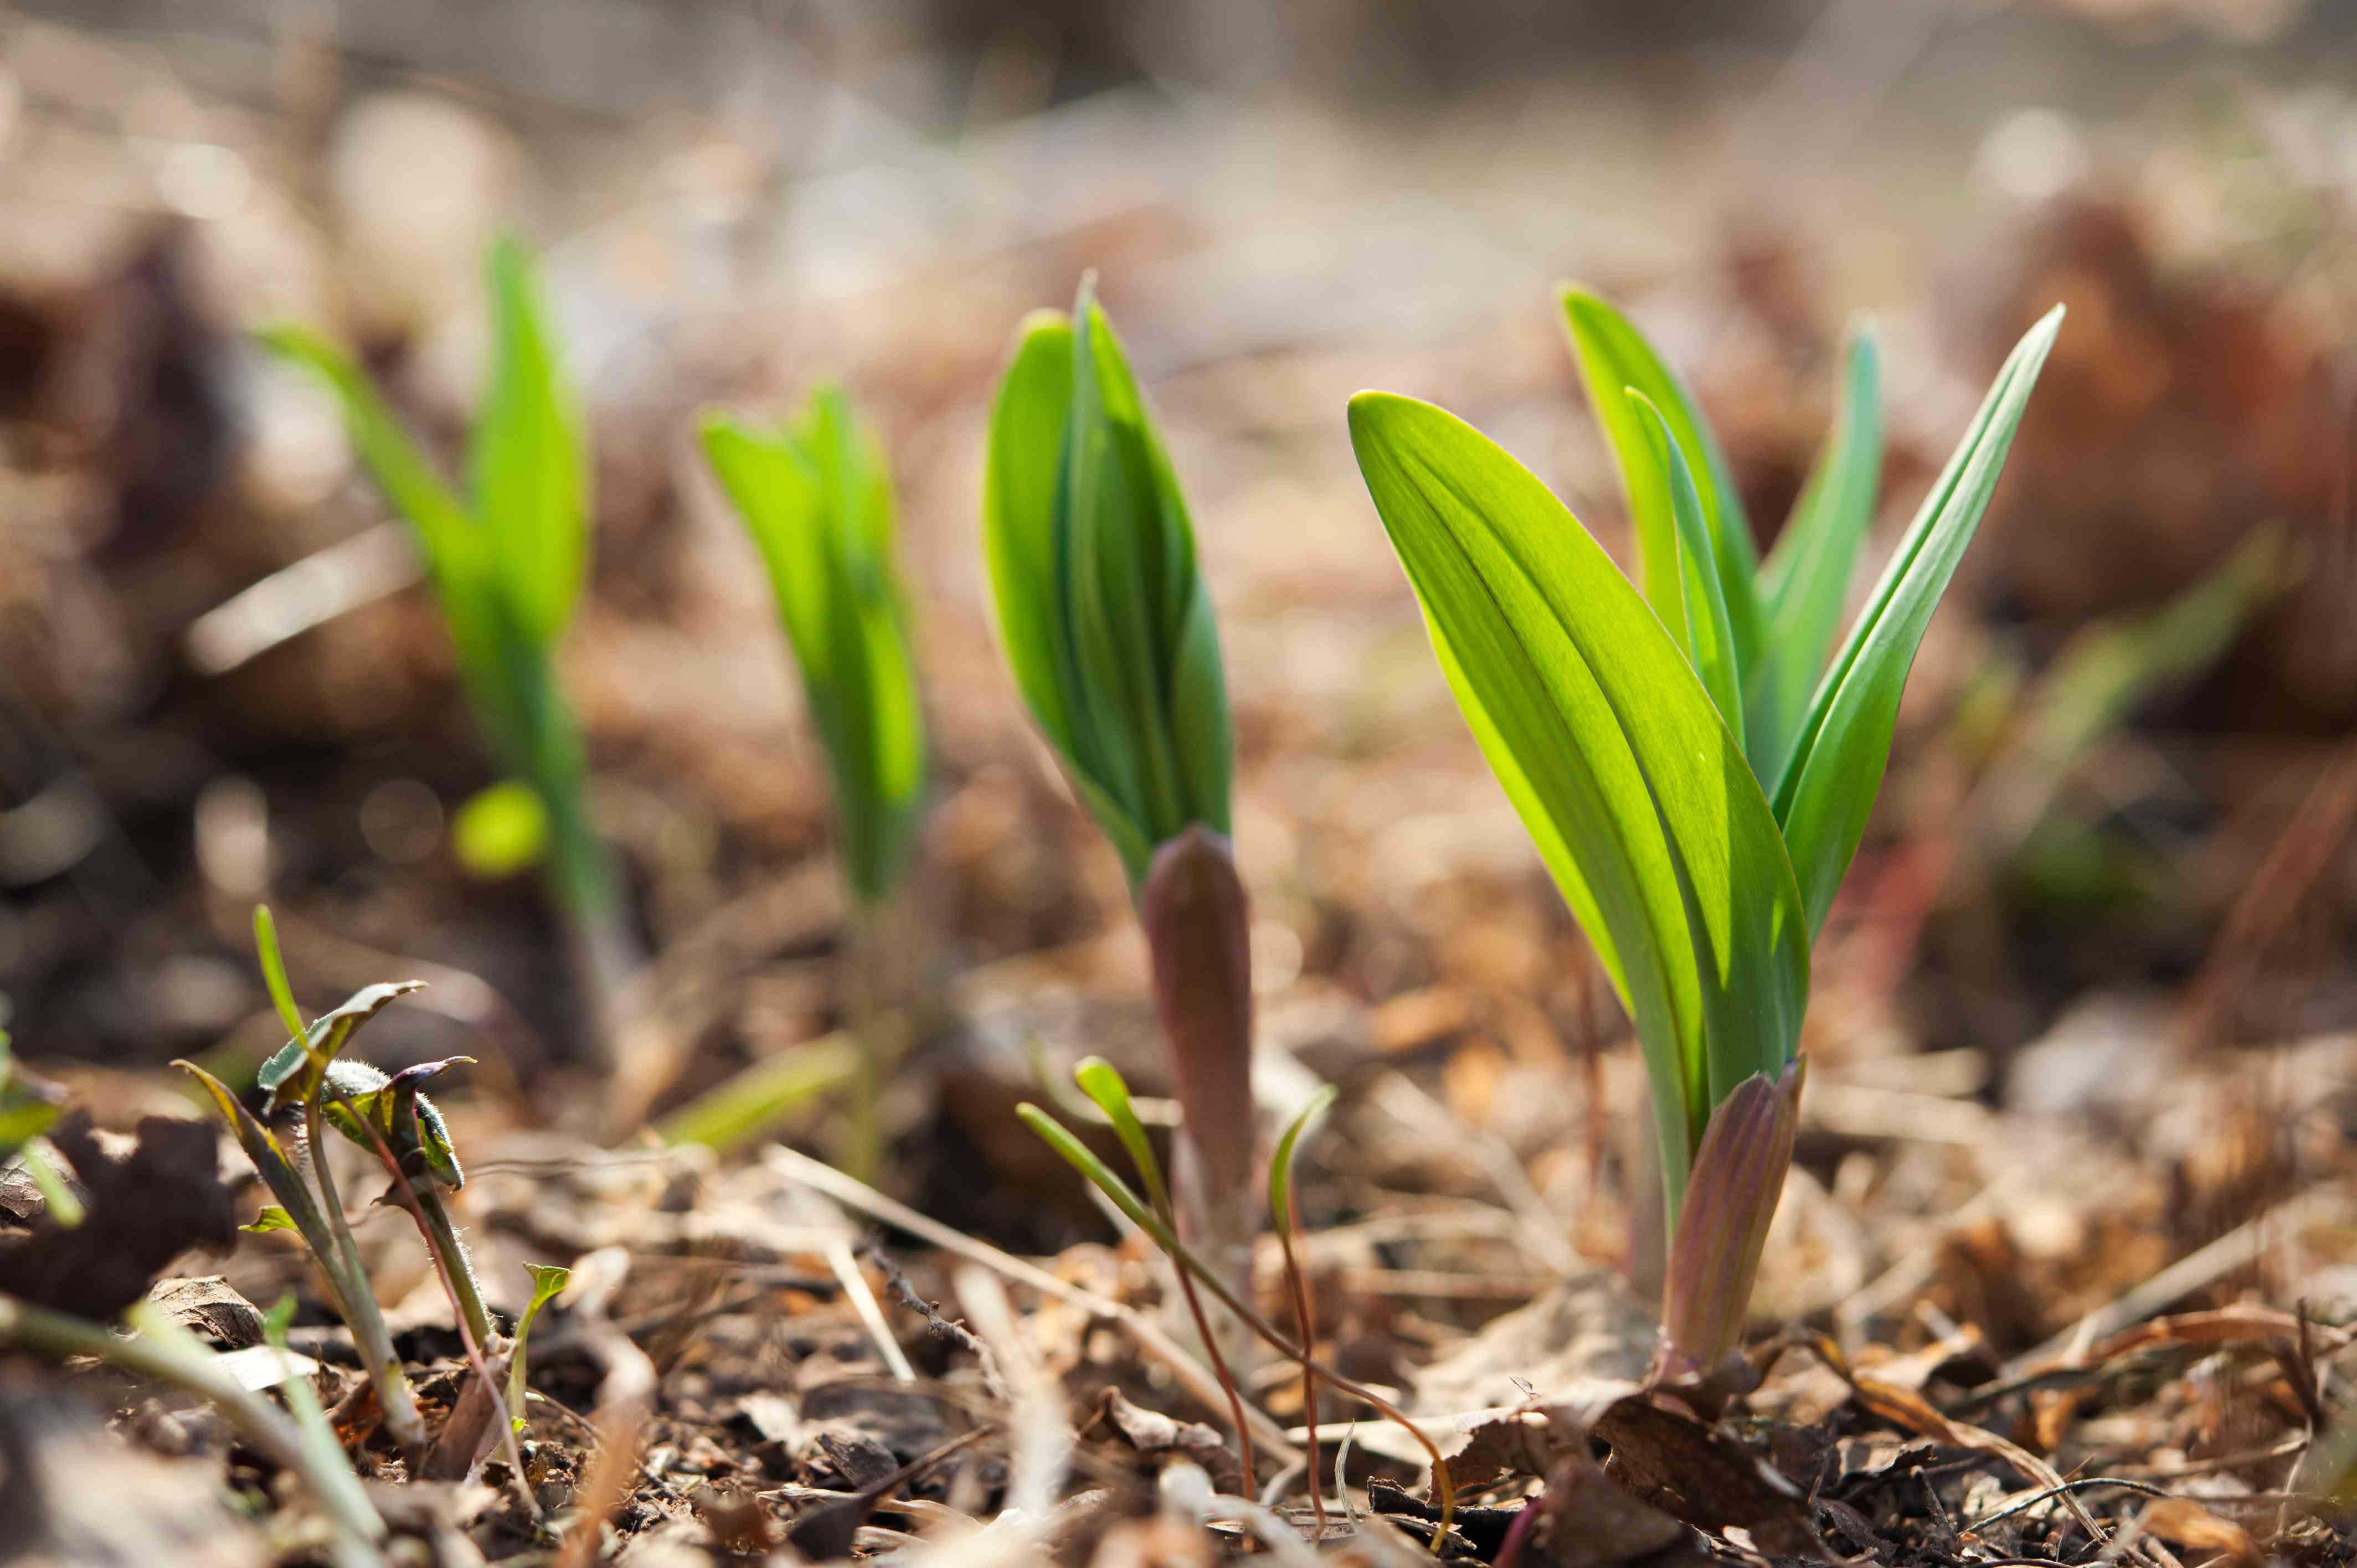 Allium tricoccum - Wild leeks